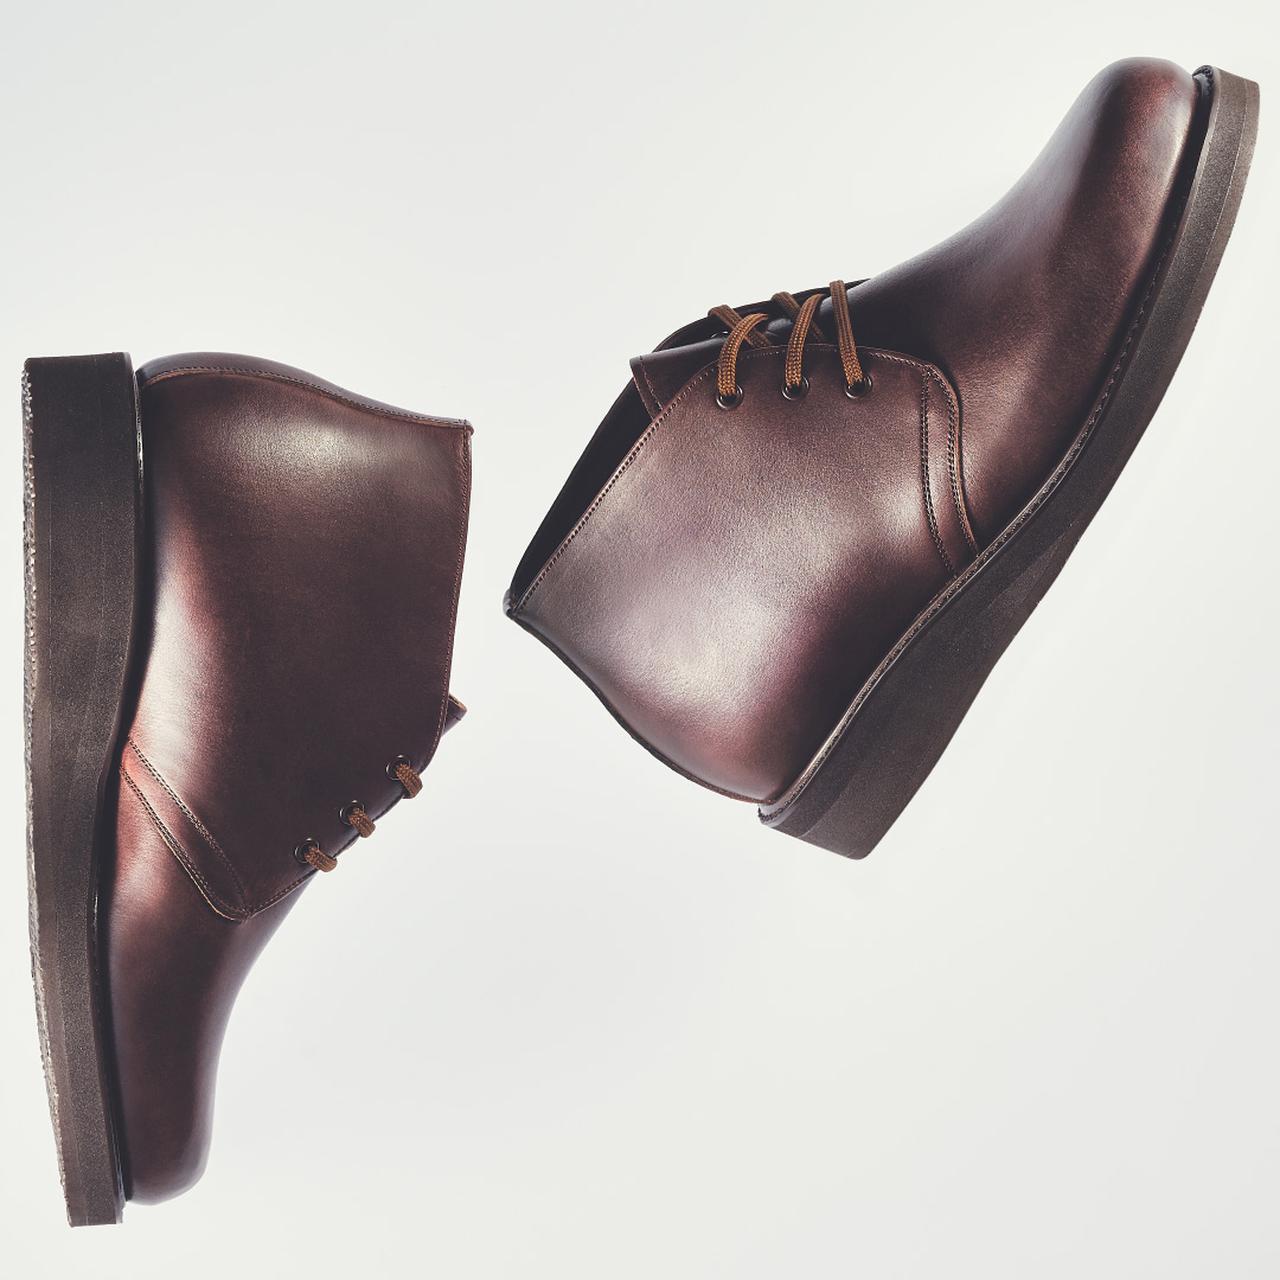 画像5: ヴィブラム社と共同開発 『YAMACHO MADE™』のストレス軽減紳士靴